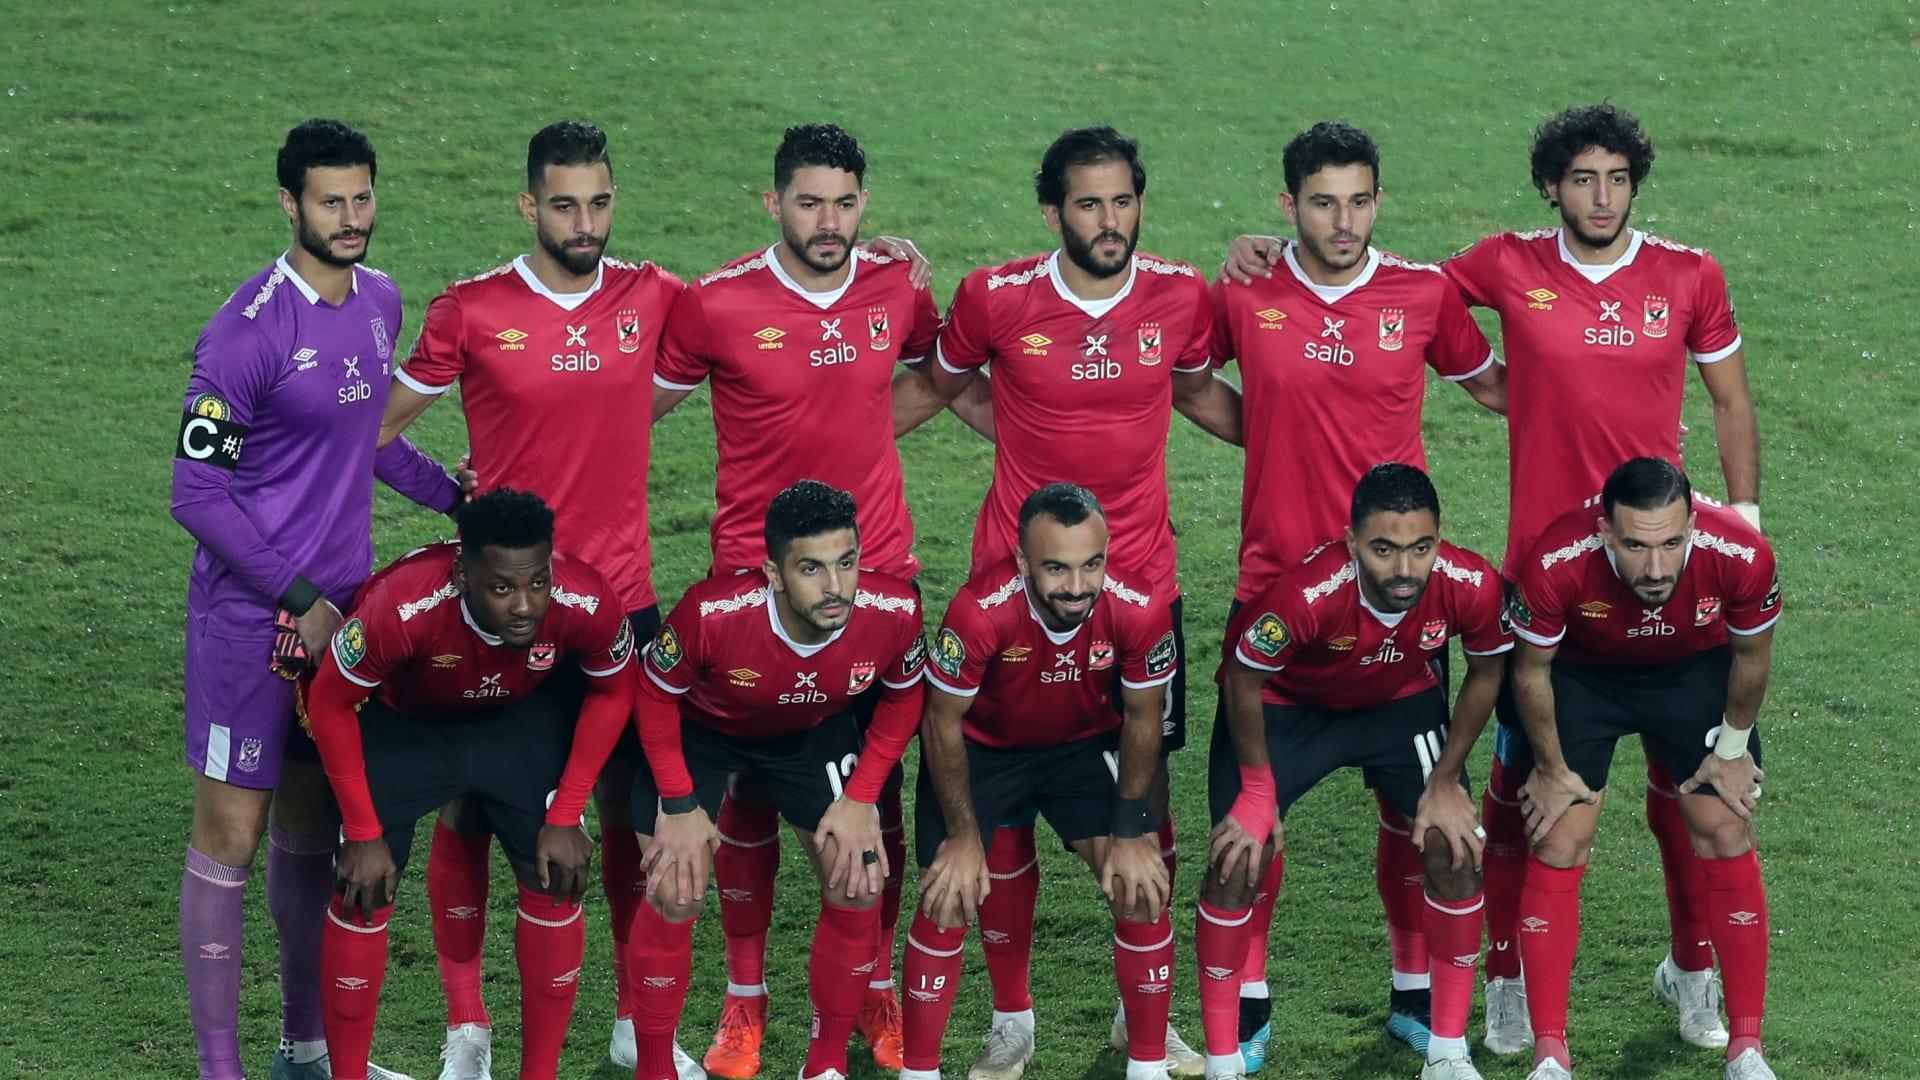 وصول بعثة الأهلي المصري إلى قطر.. وهكذا استقبلت جماهير النادي محمود الخطيب